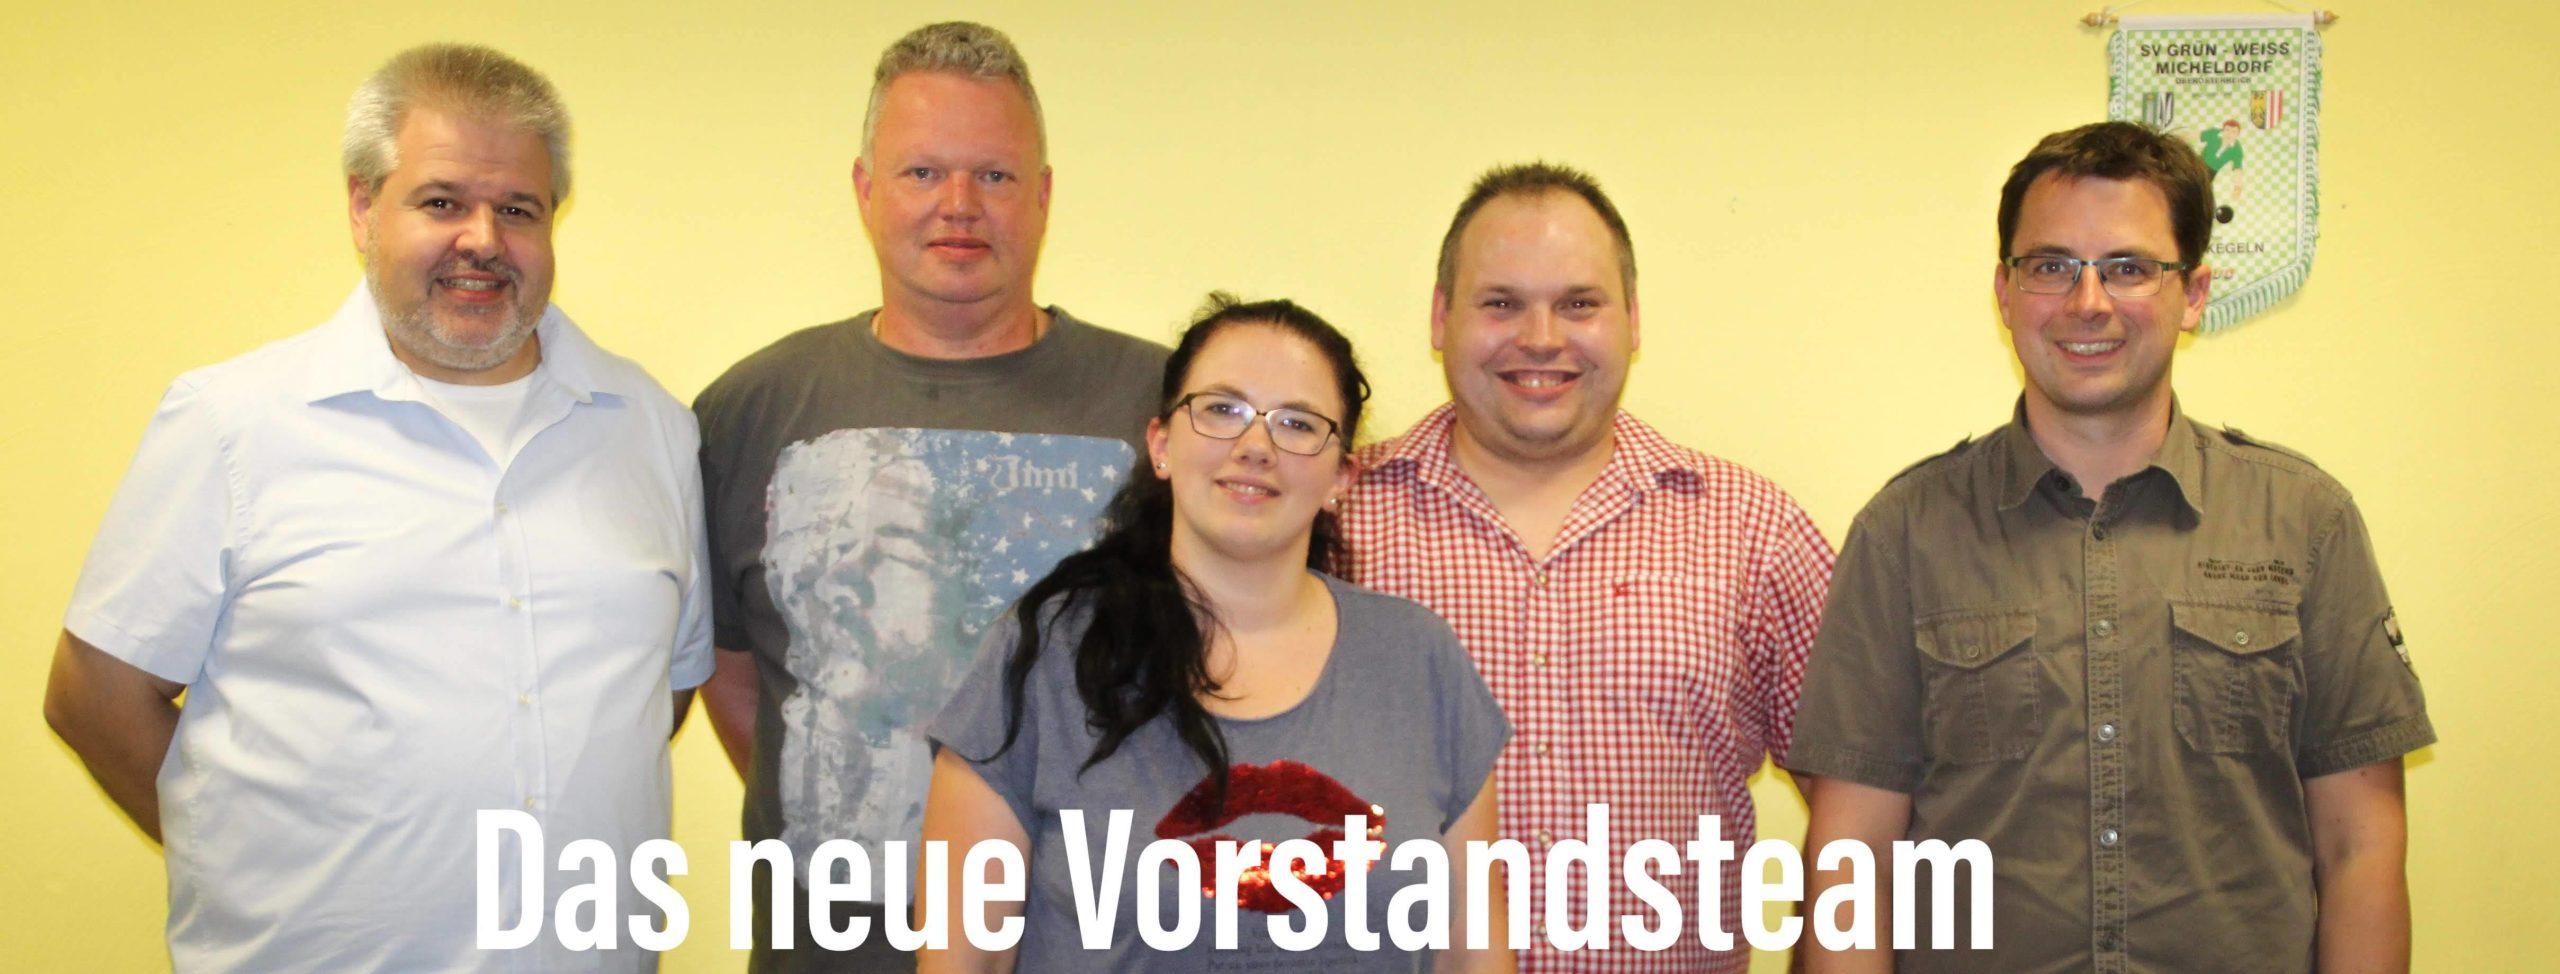 Vorstand des KCG Schaafheim ab dem 13.09.2018